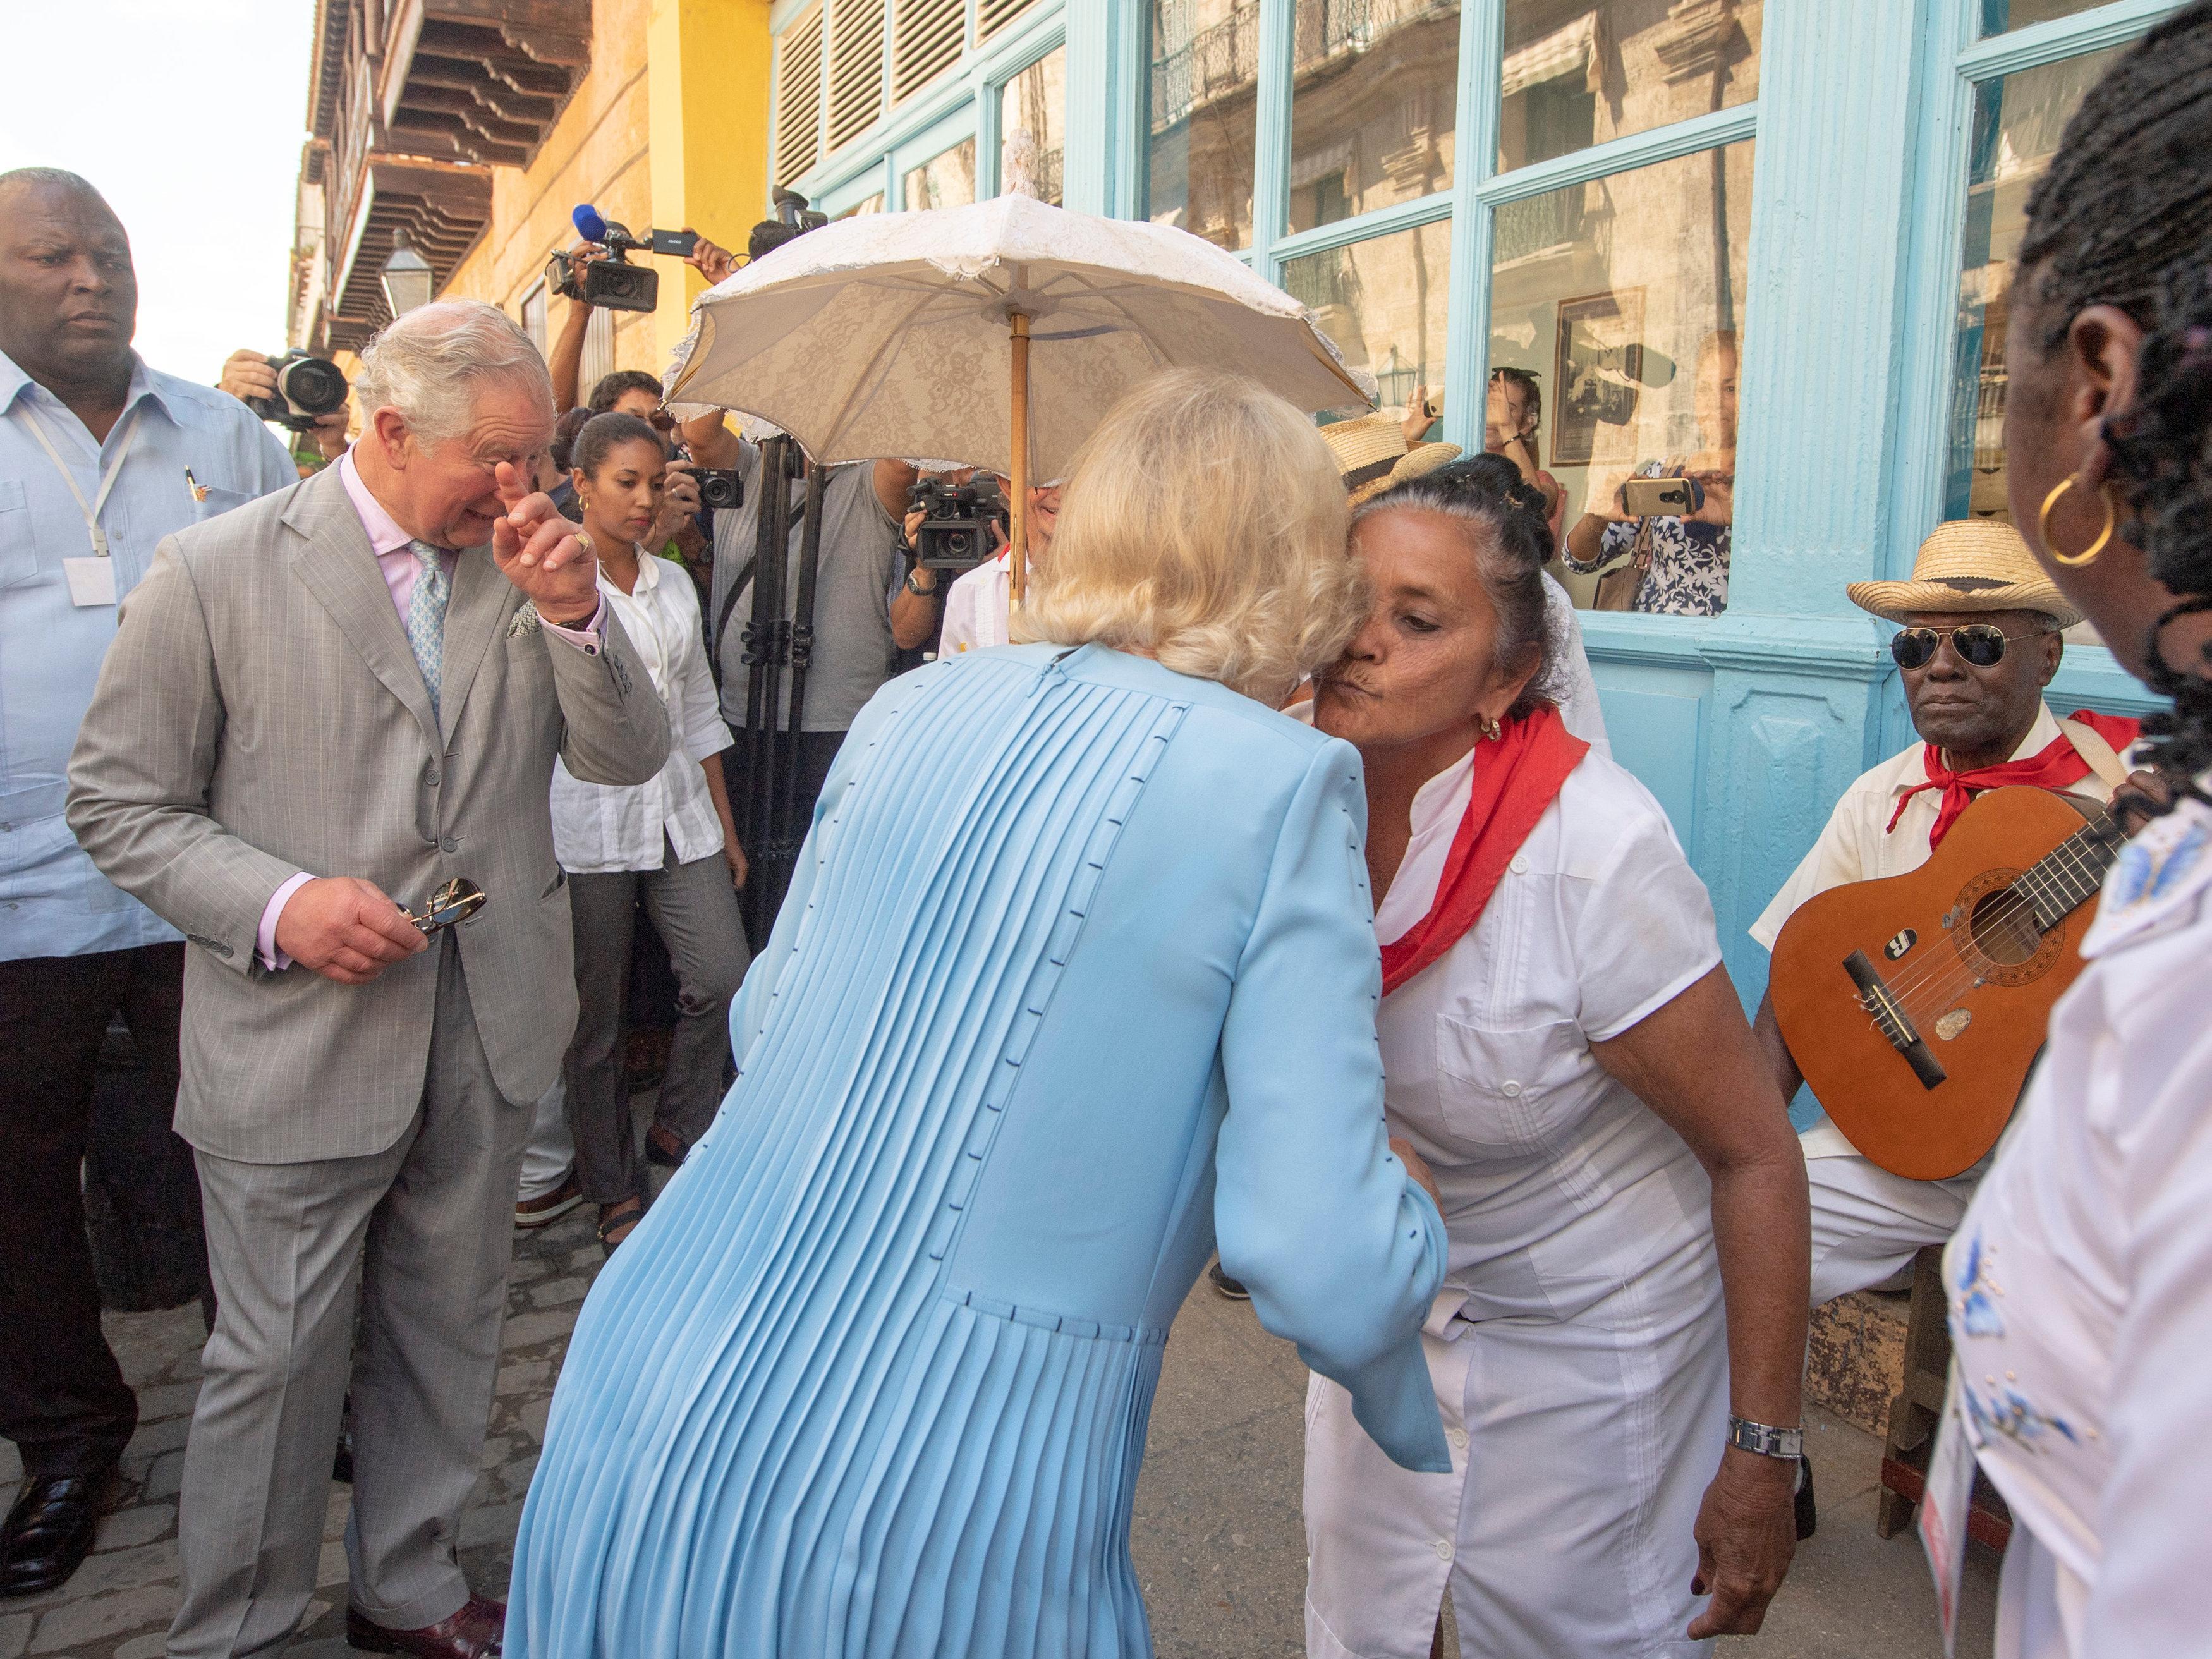 La pareja real saludó a los artistas populares que cantan en las calles de La Habana